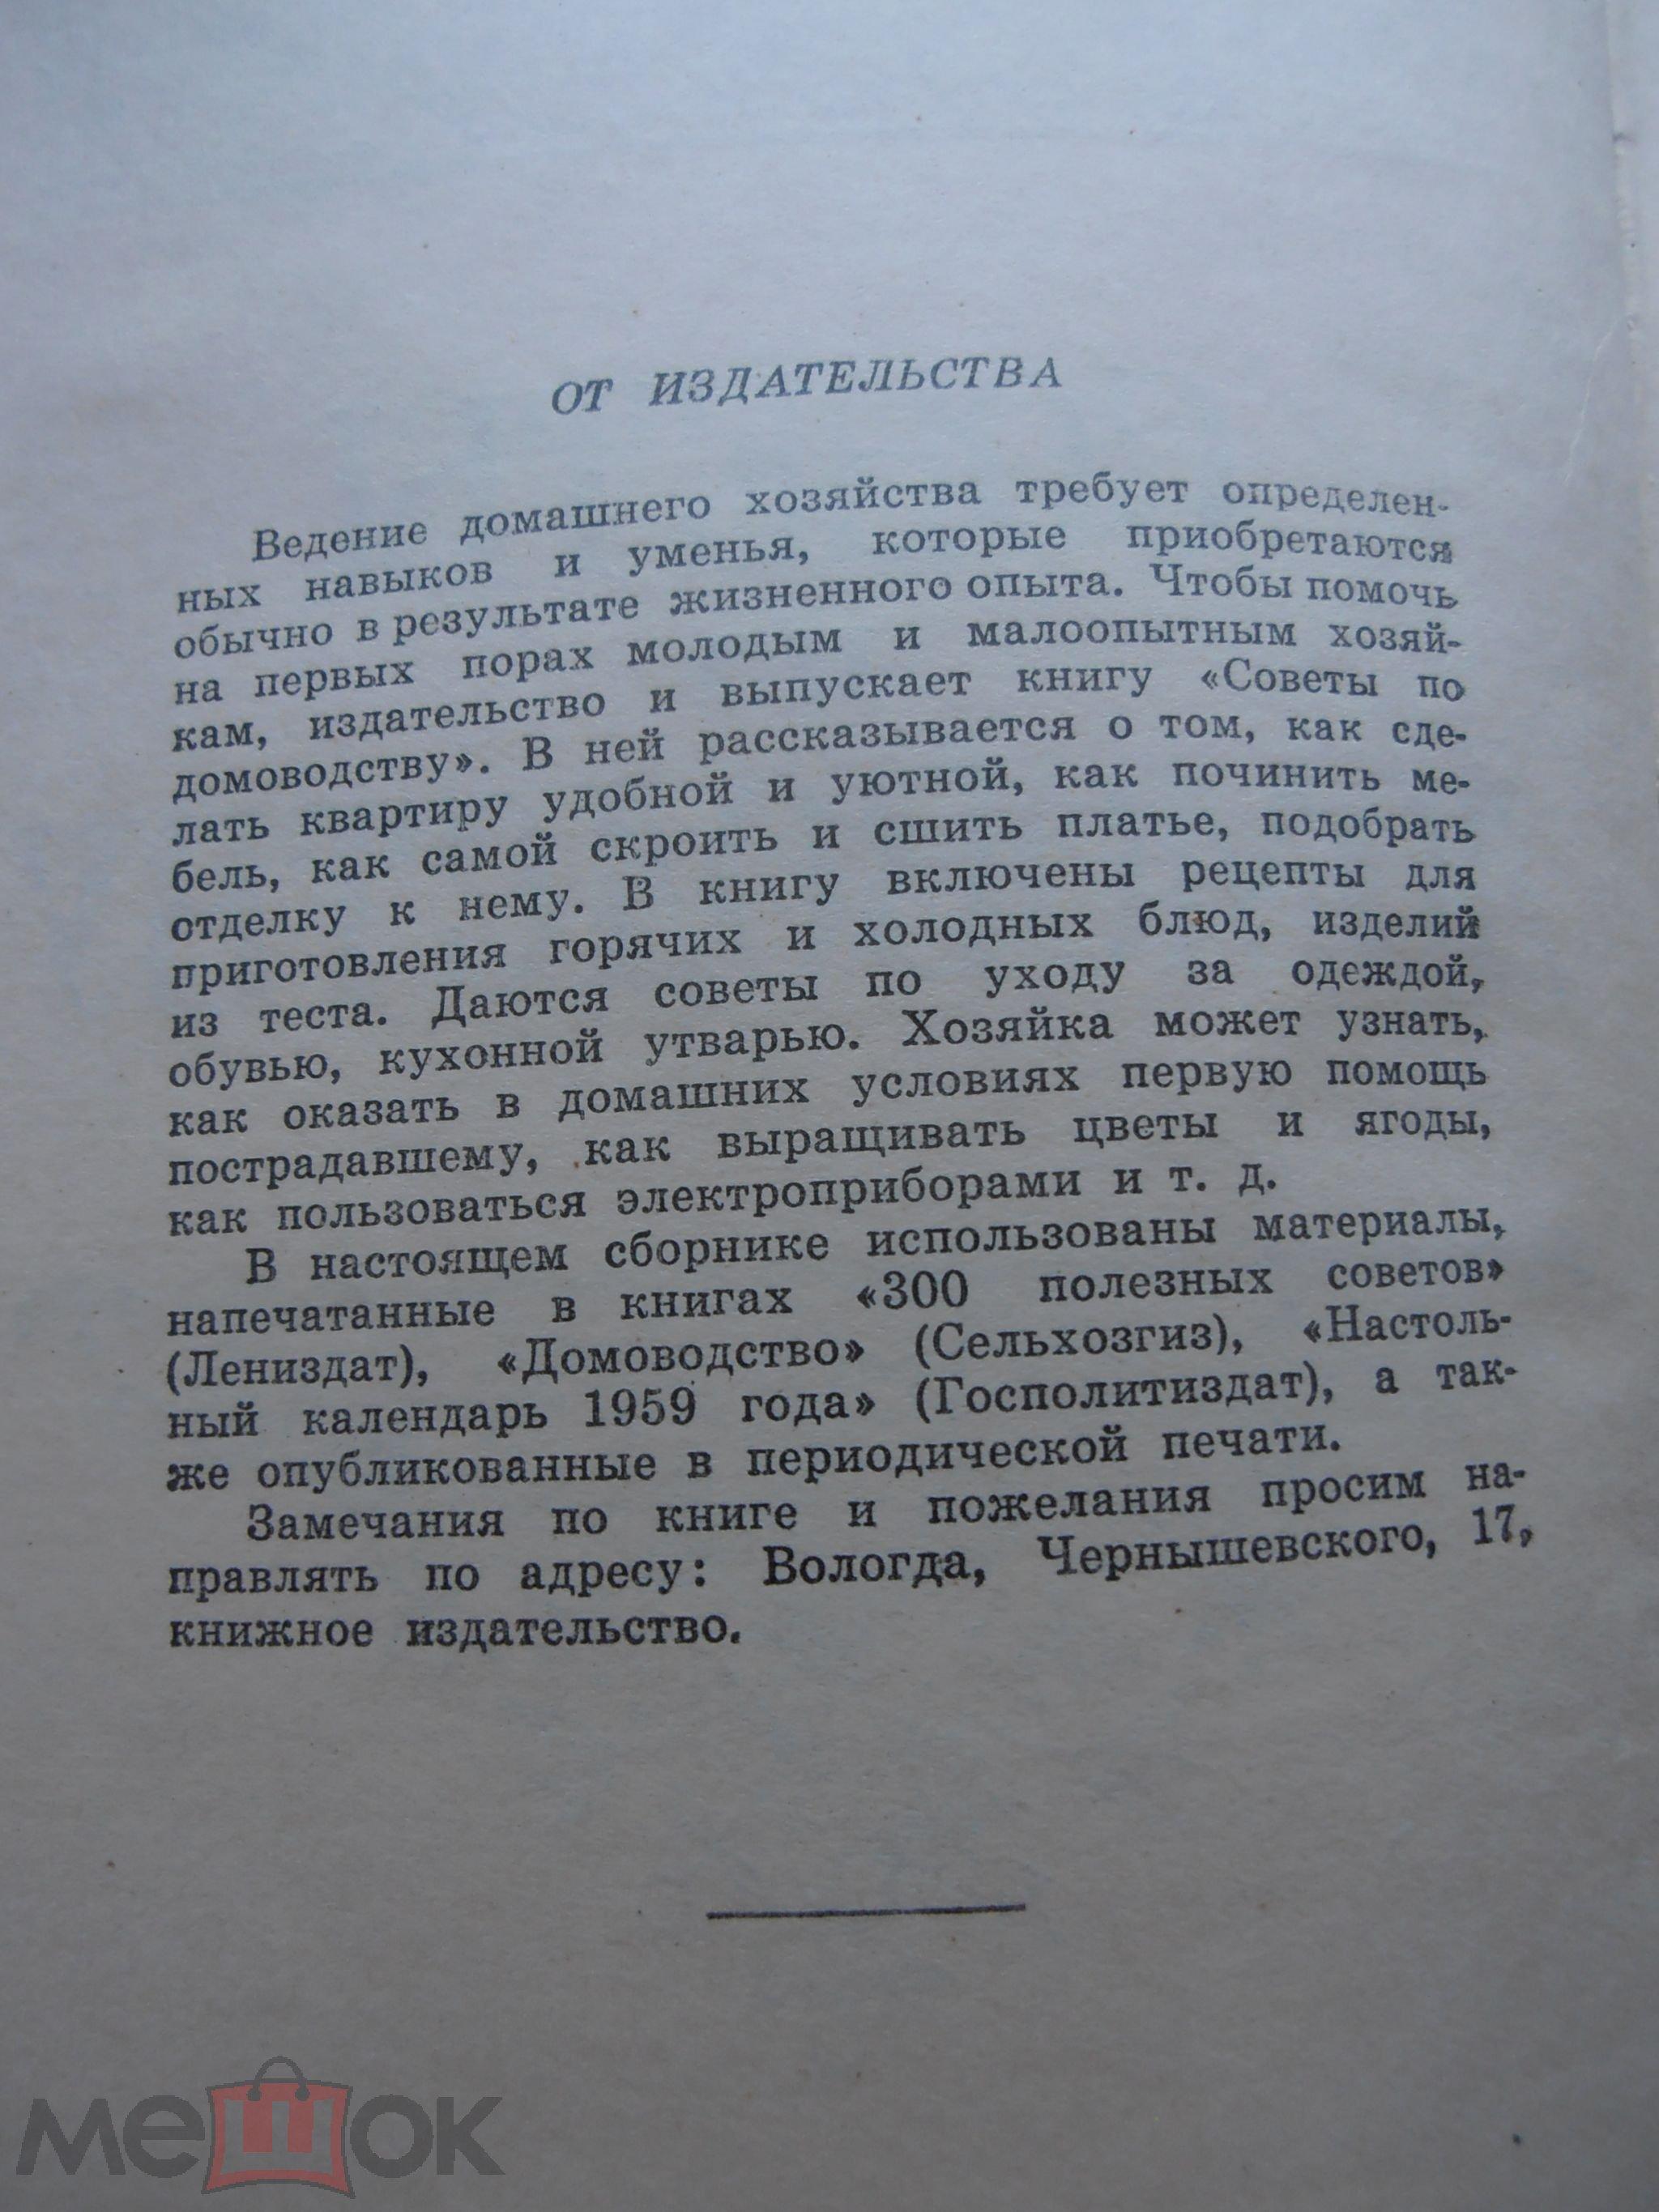 Советы по ДОМОВОДСТВУ. 1959 год. Вологда. Книга СССР.